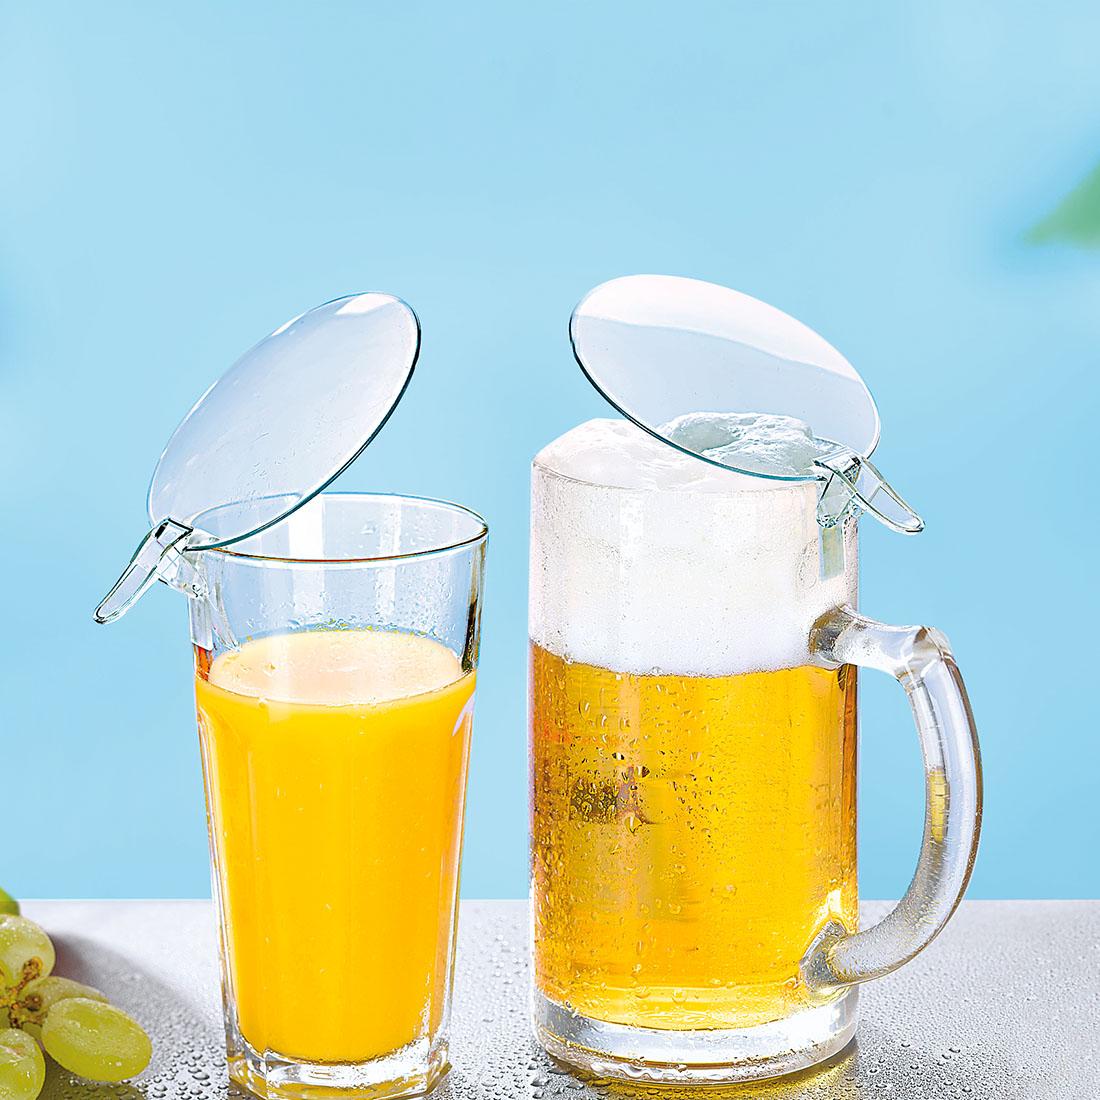 Крышки для стаканов или кружек, 2 штуки [06956],